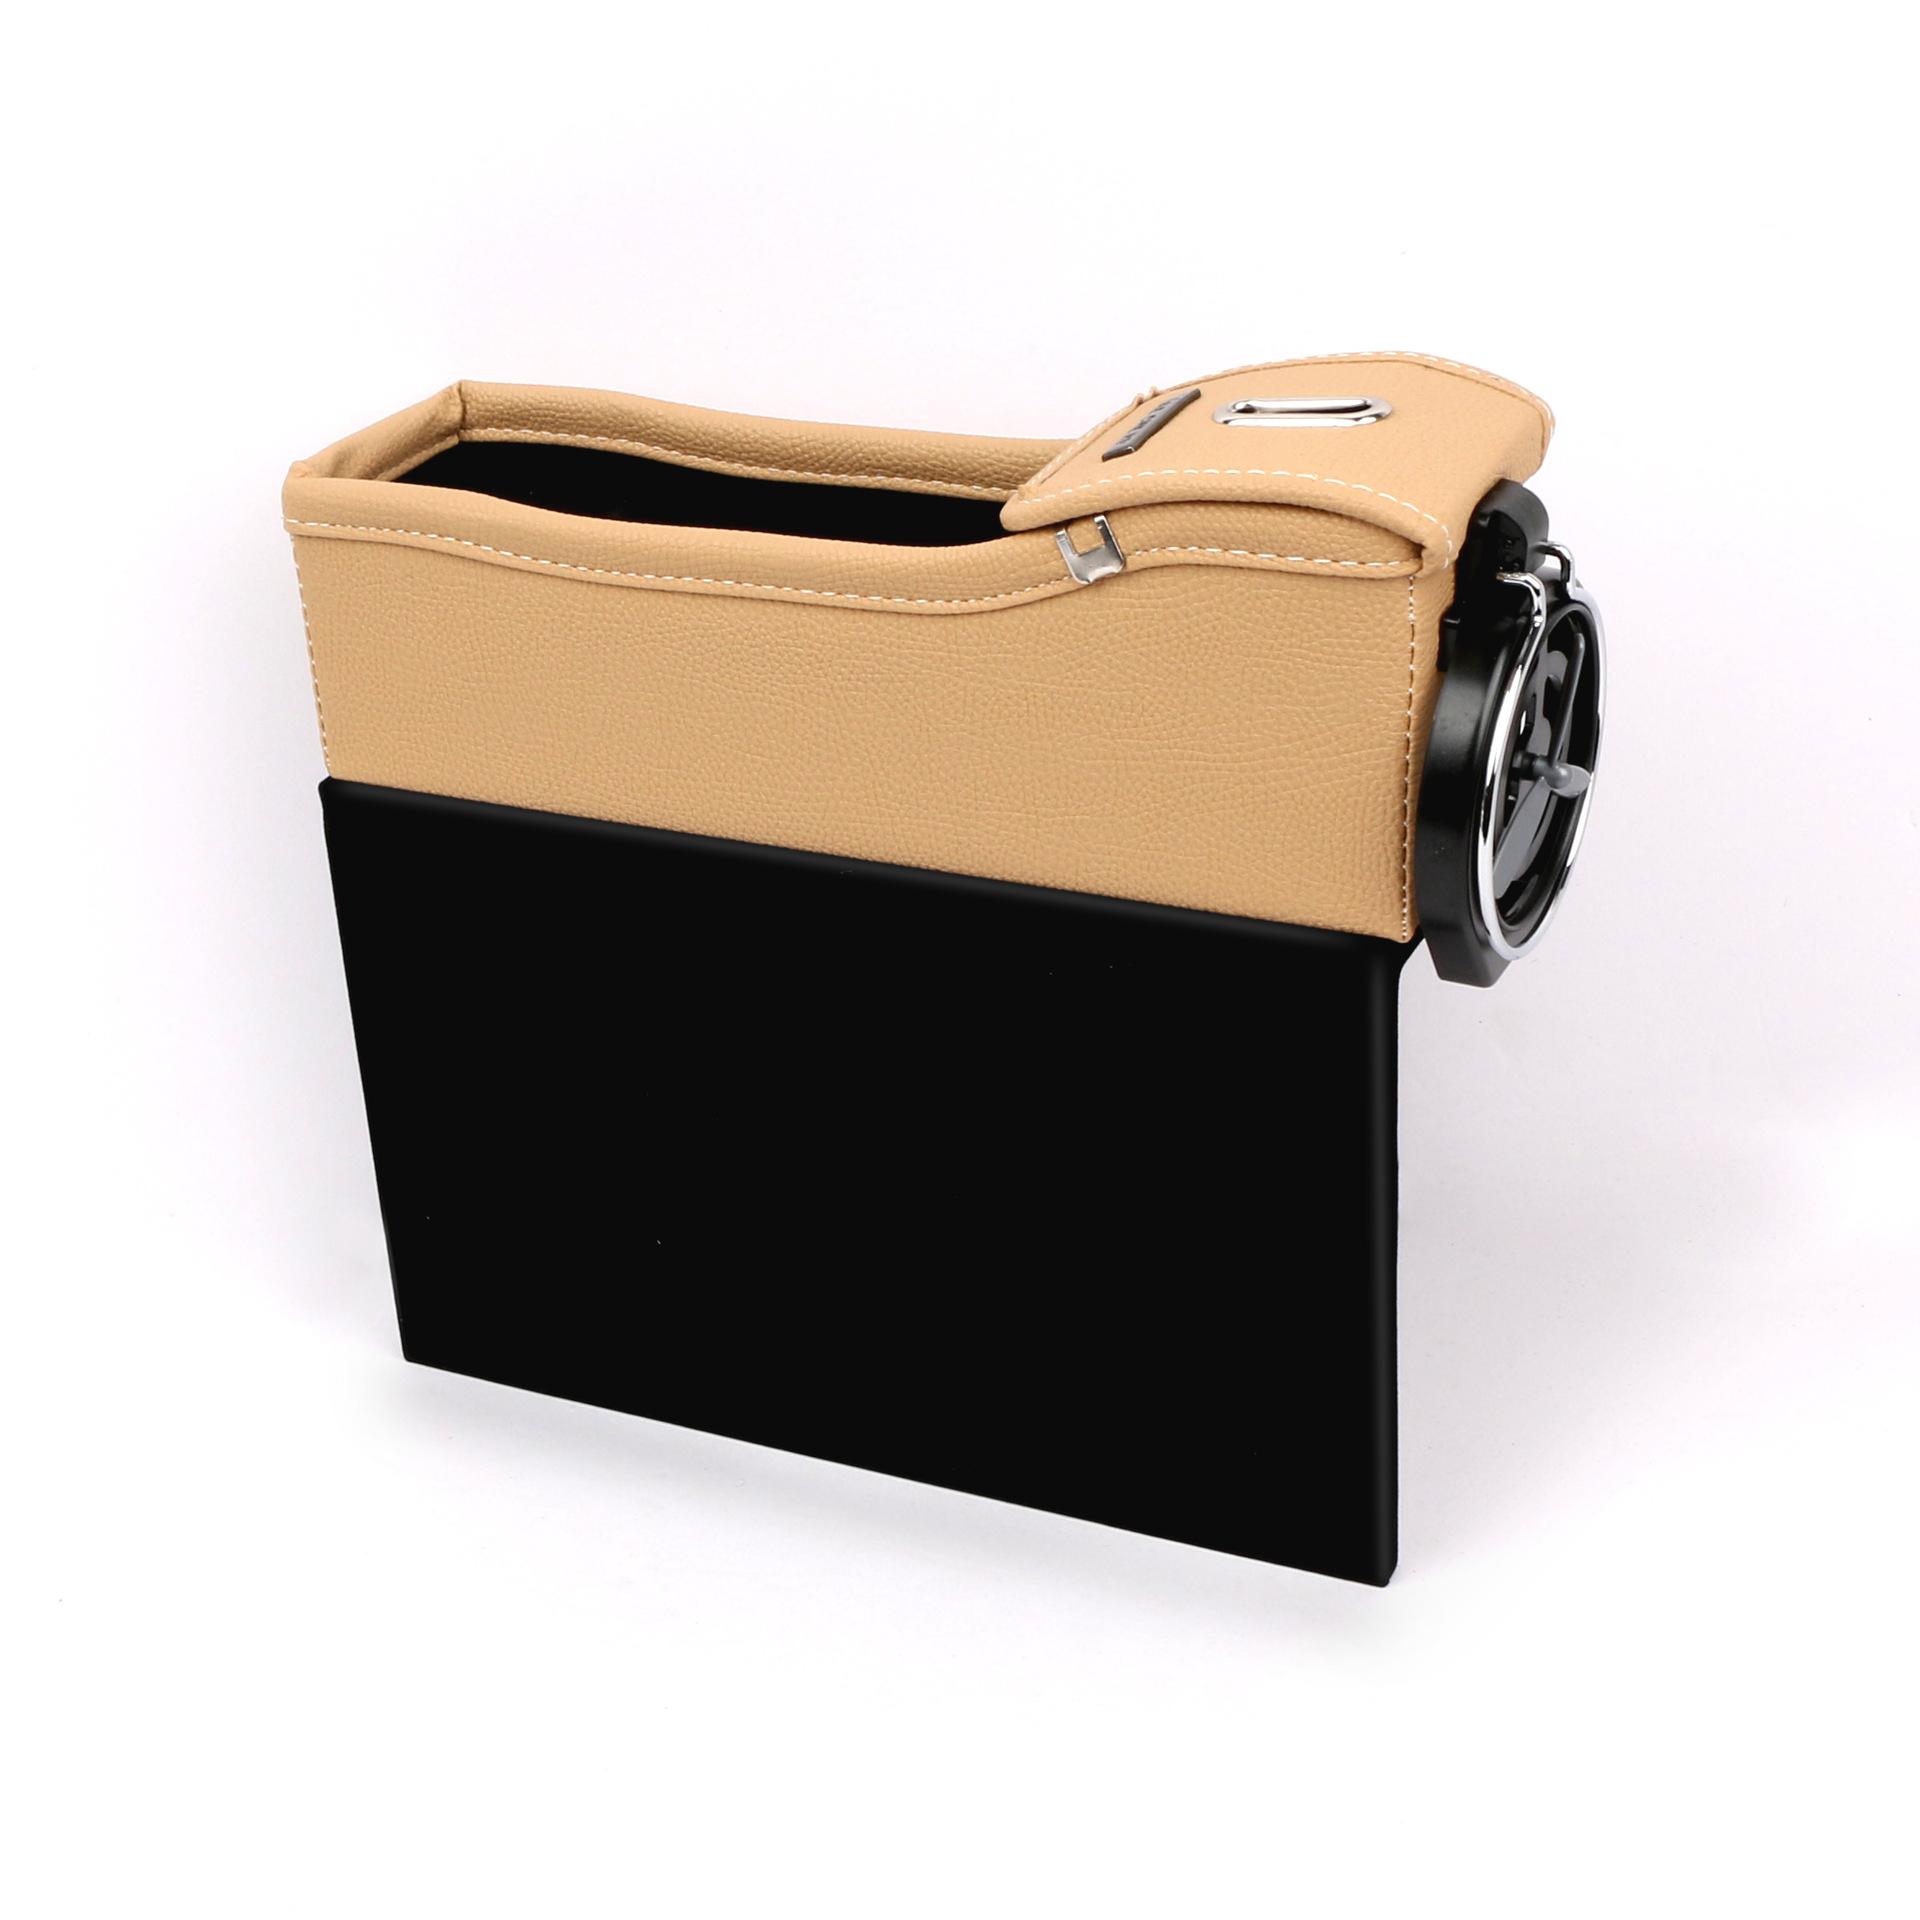 Крест граница автомобиль сиденье в коробку разрыв коробку стенды мешок коробка мусор автомобиль многофункциональный кожа кубок стойка